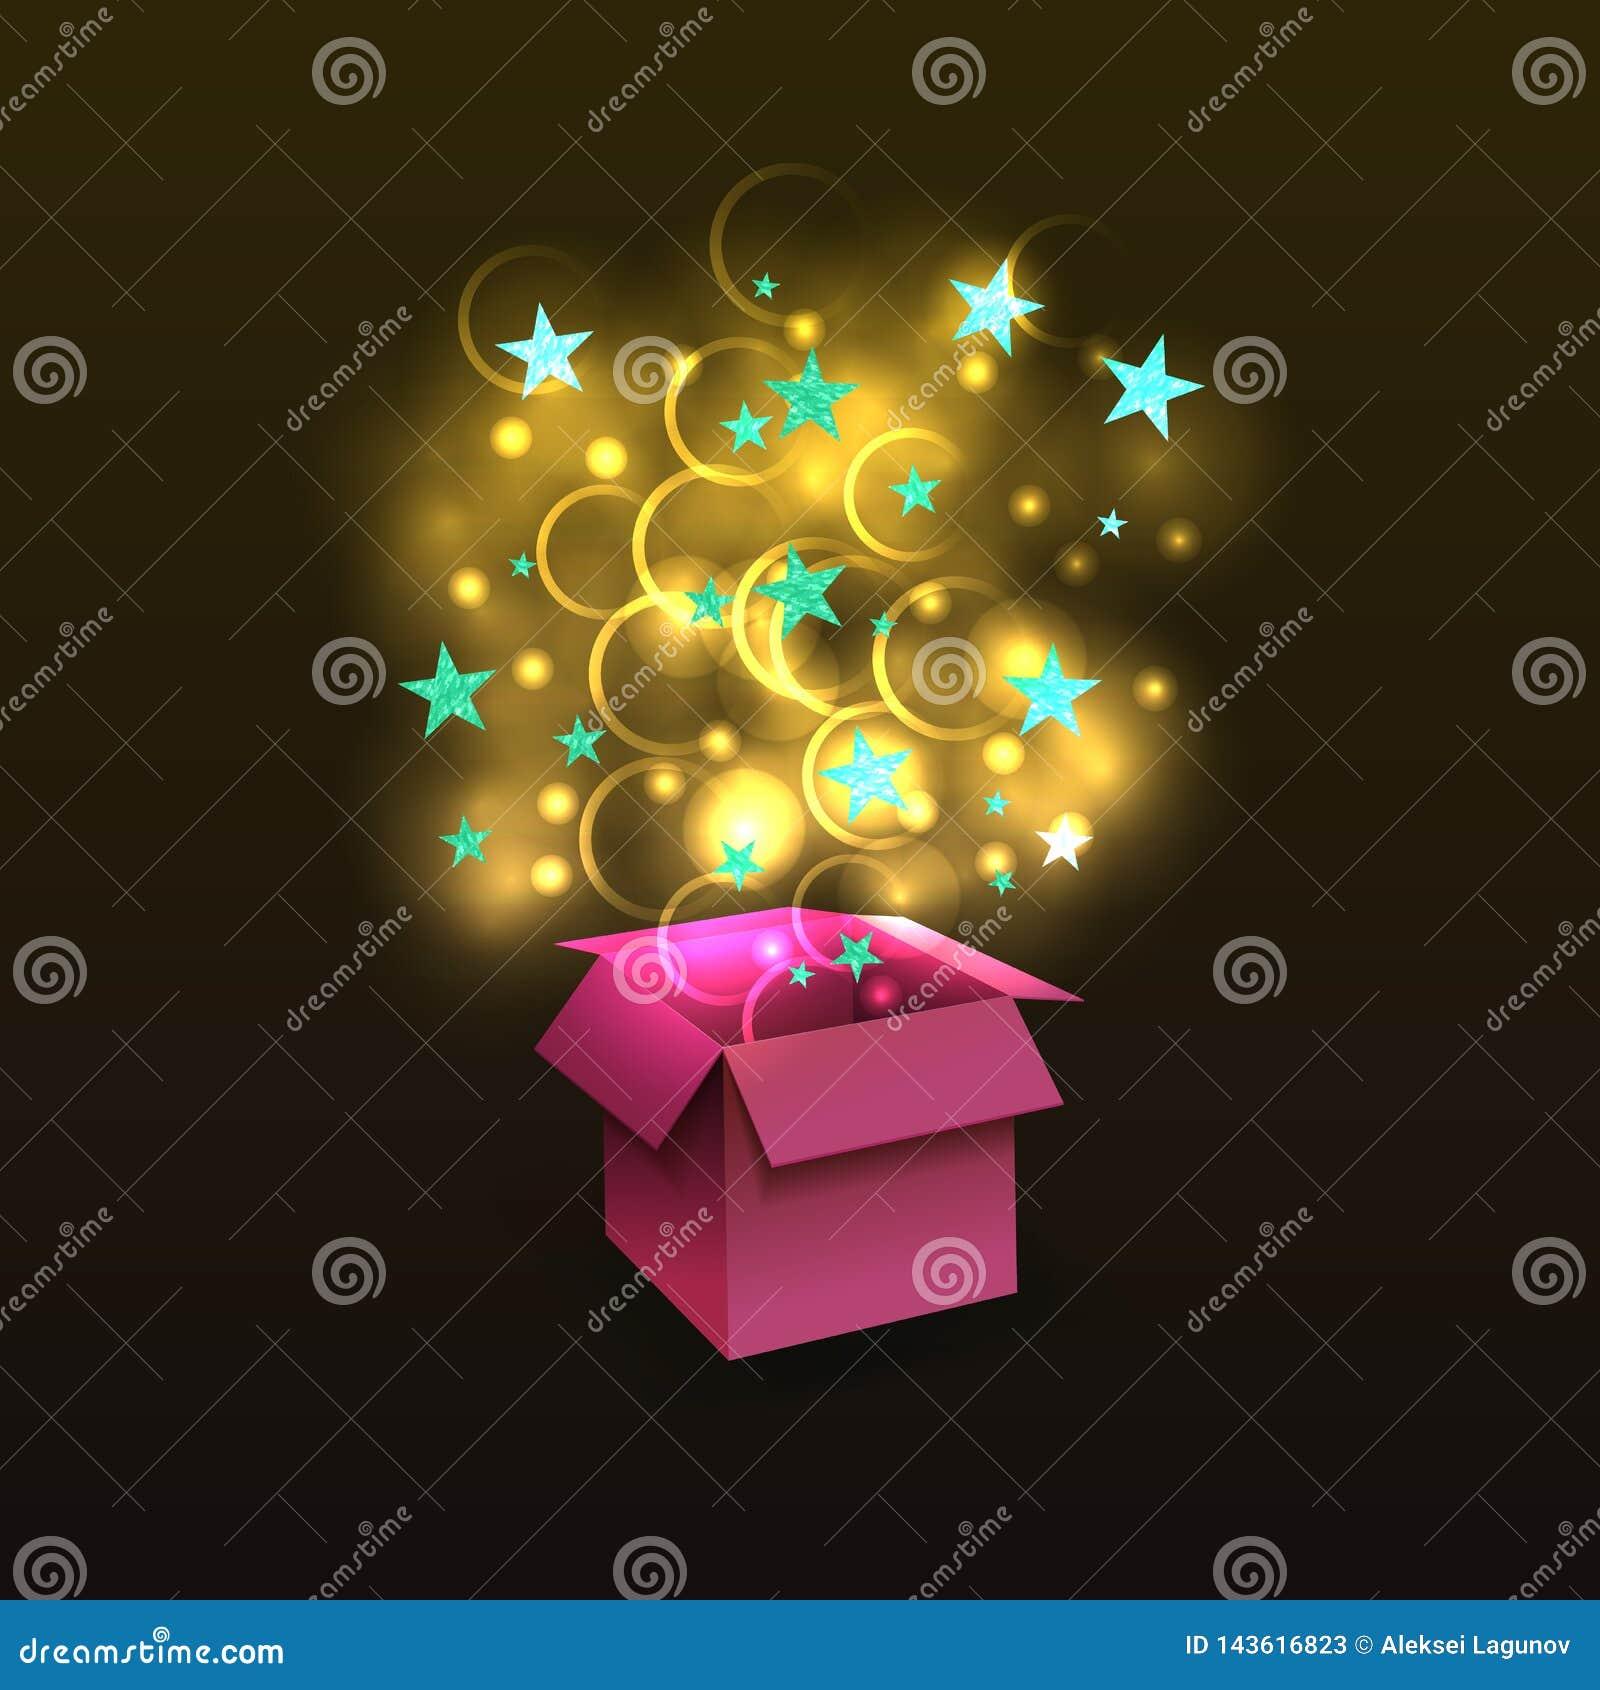 Διανυσματικό τρισδιάστατο αιφνιδιαστικό κιβώτιο τα λάμποντας χρυσά μαγικά και ανοικτό μπλε κατασκευασμένα αστέρια, που απομονώνον